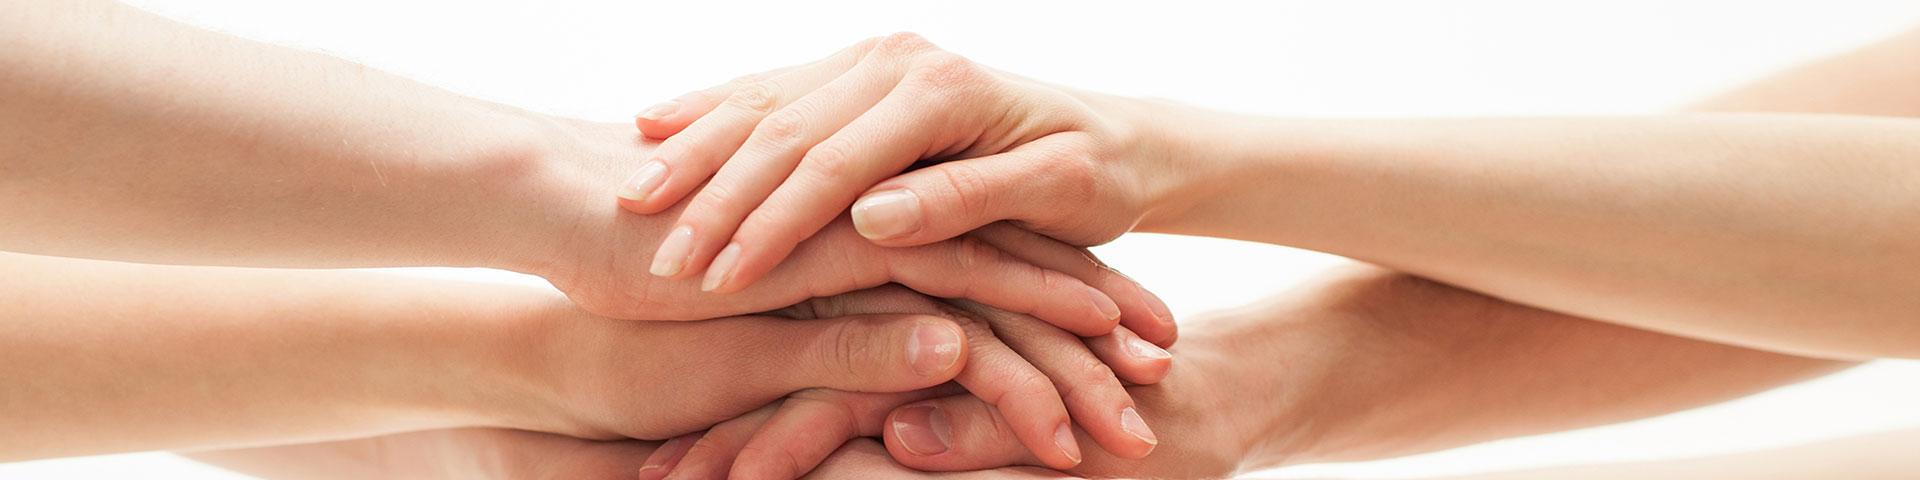 Symbolfoto verschiedene Hände liegen übereinander